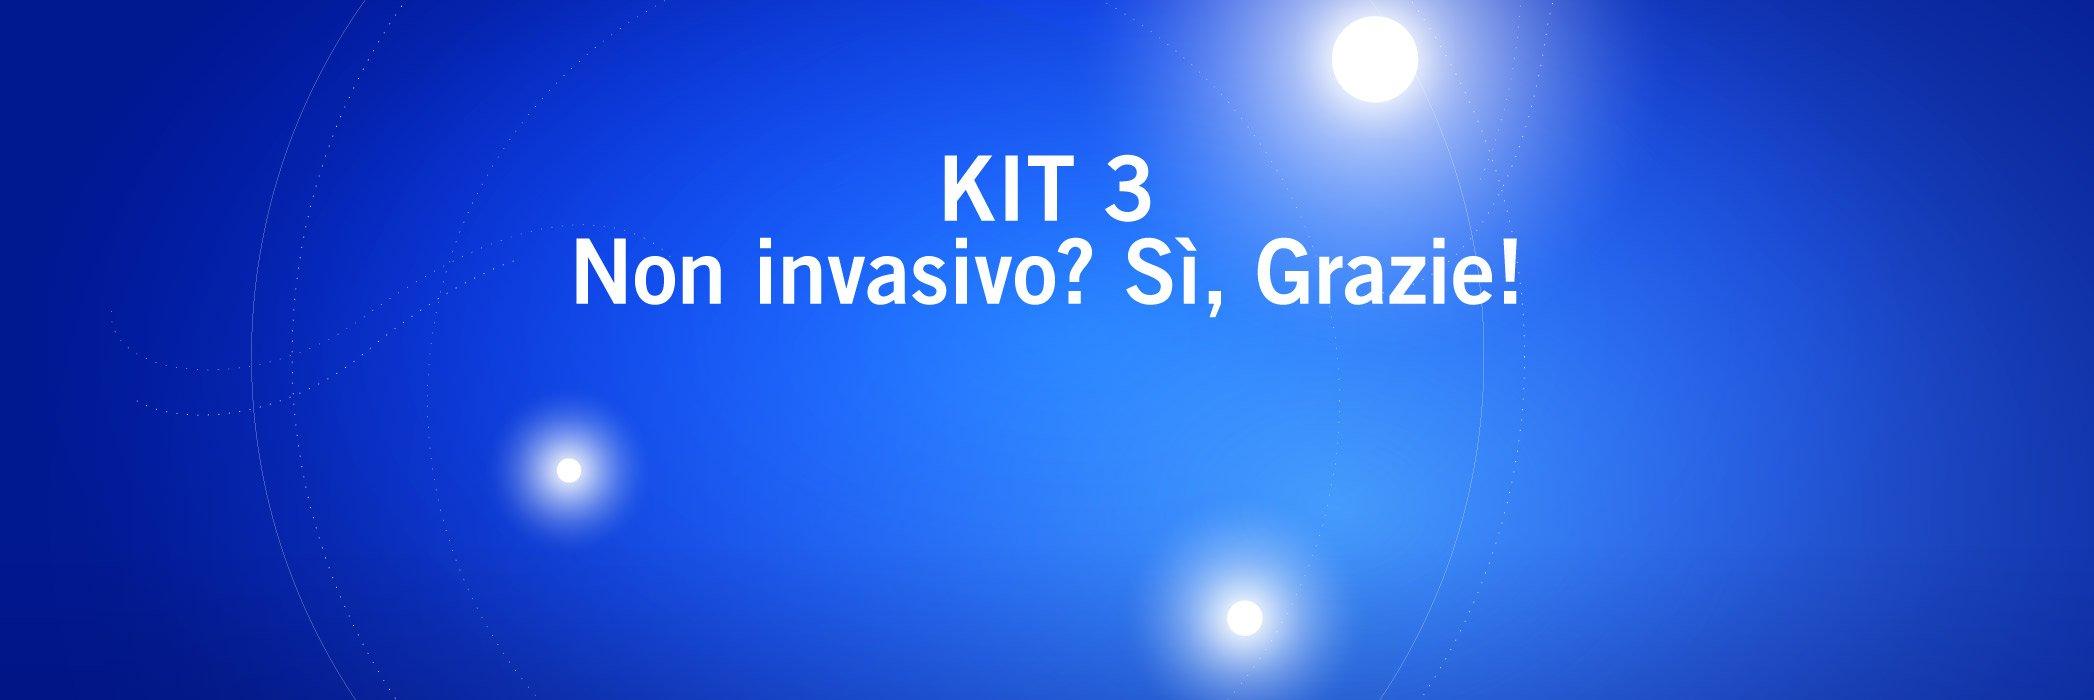 Kit 3 Non invasivo? Sì Grazie - Kulzer Blog